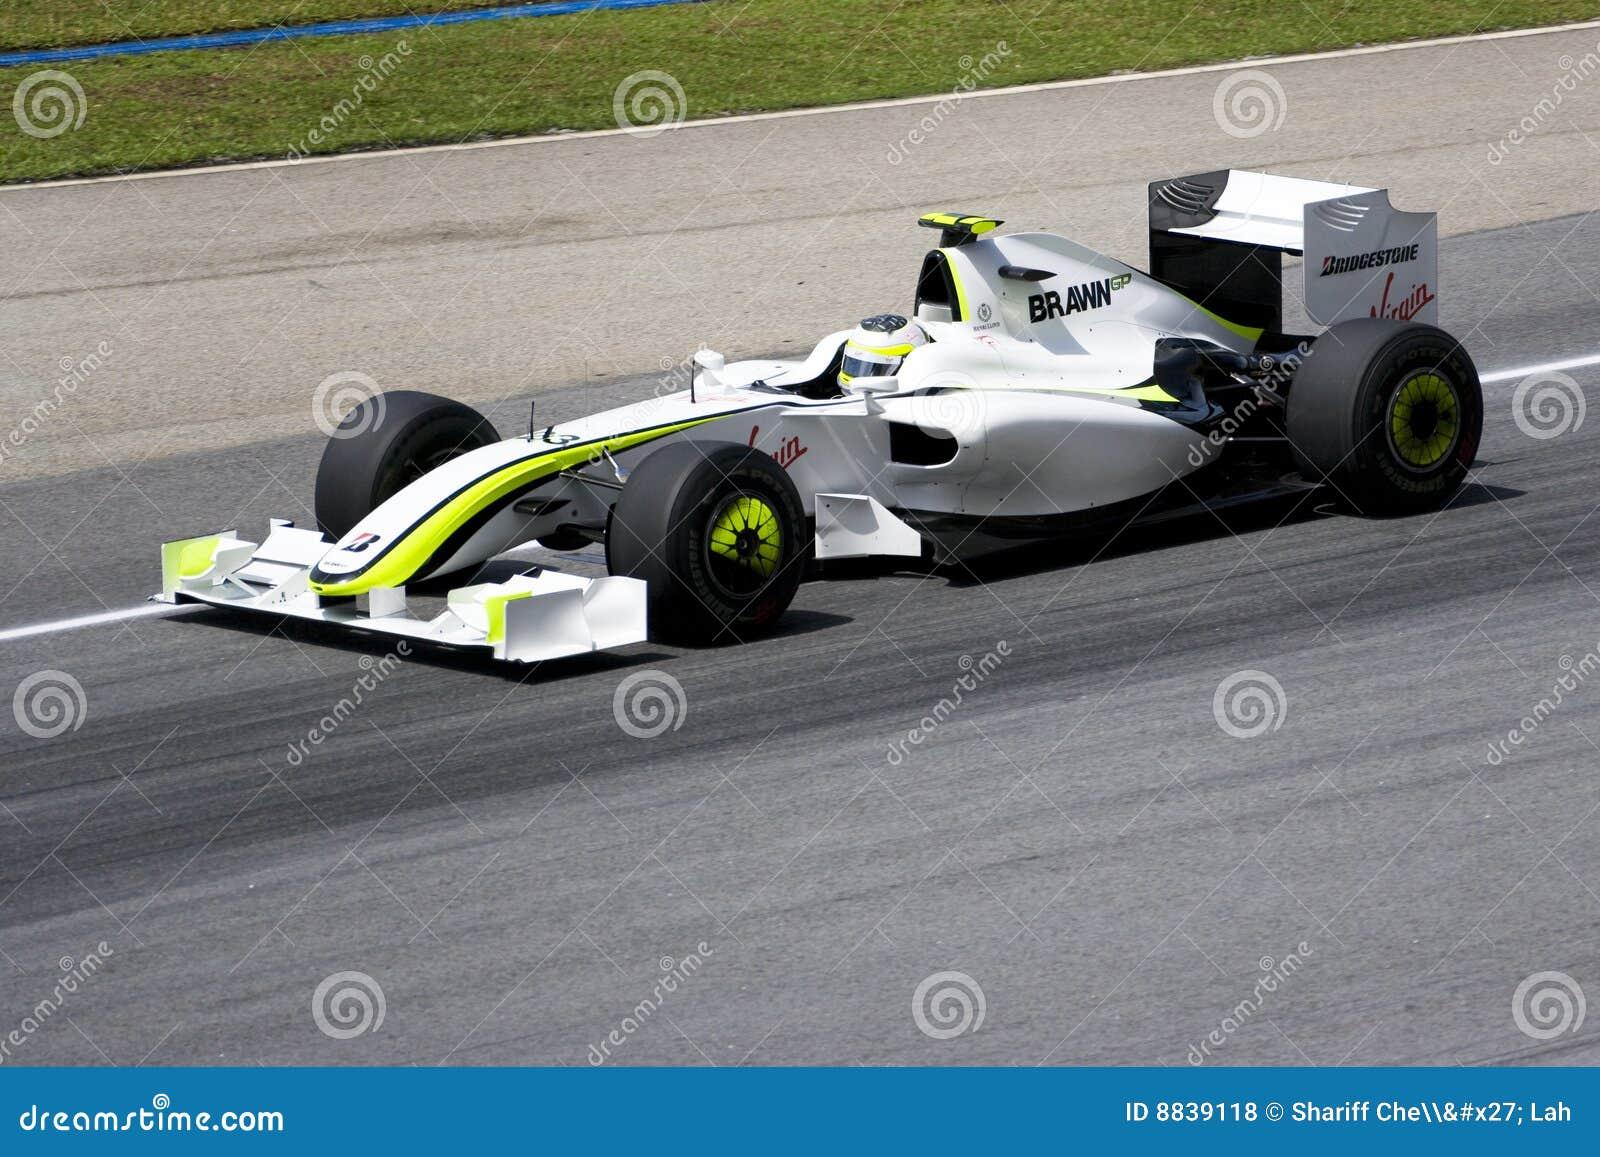 F1, das 2009 - Rubens Barrichello (Schweinskopfsülze, läuft GP)